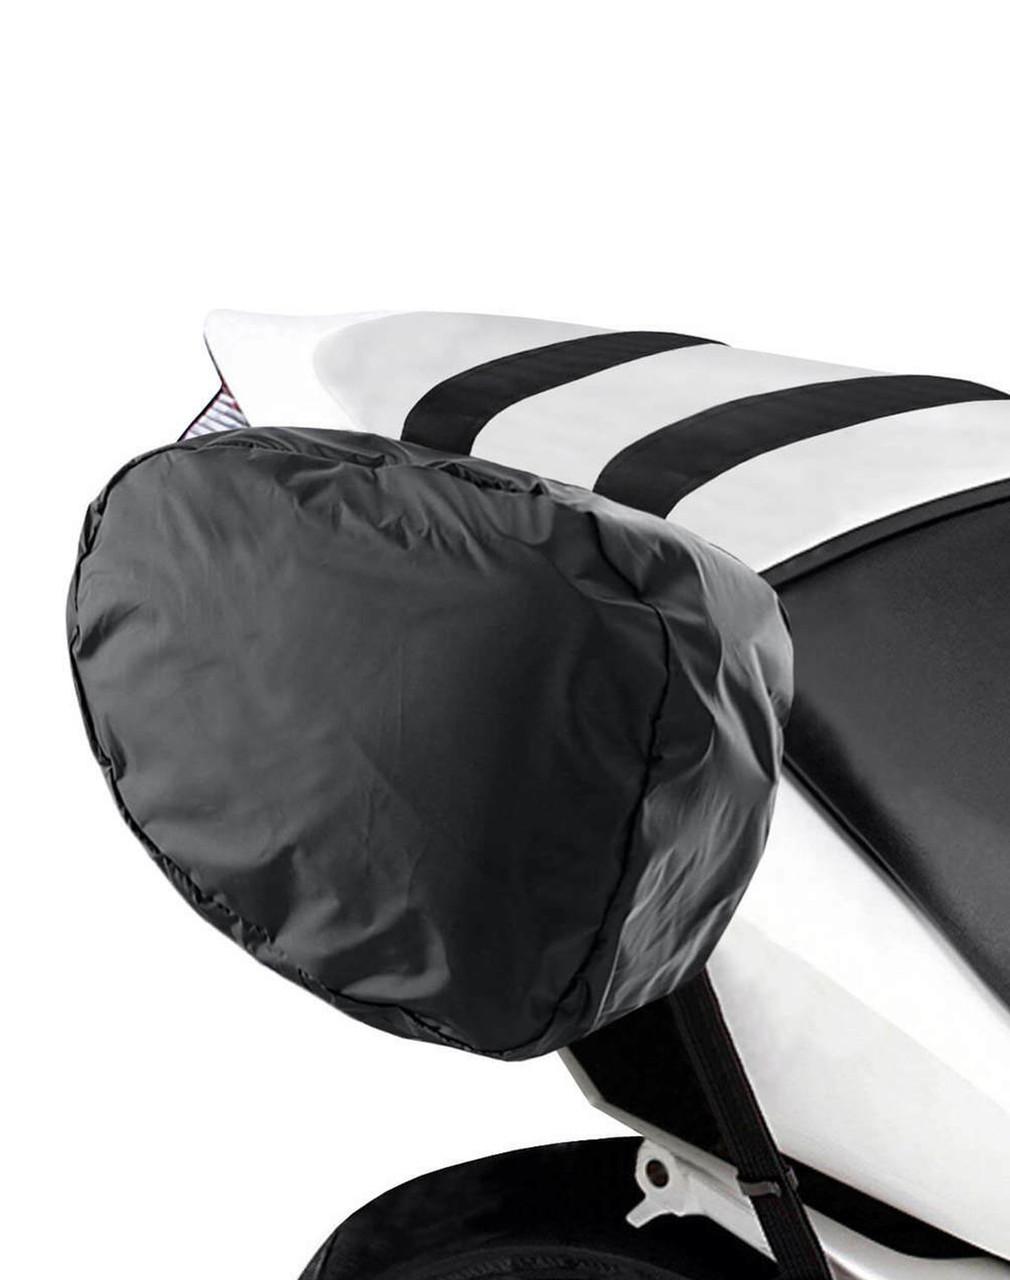 Viking Mini Expandable Black Street/Sportbike Saddlebags Rain Cover